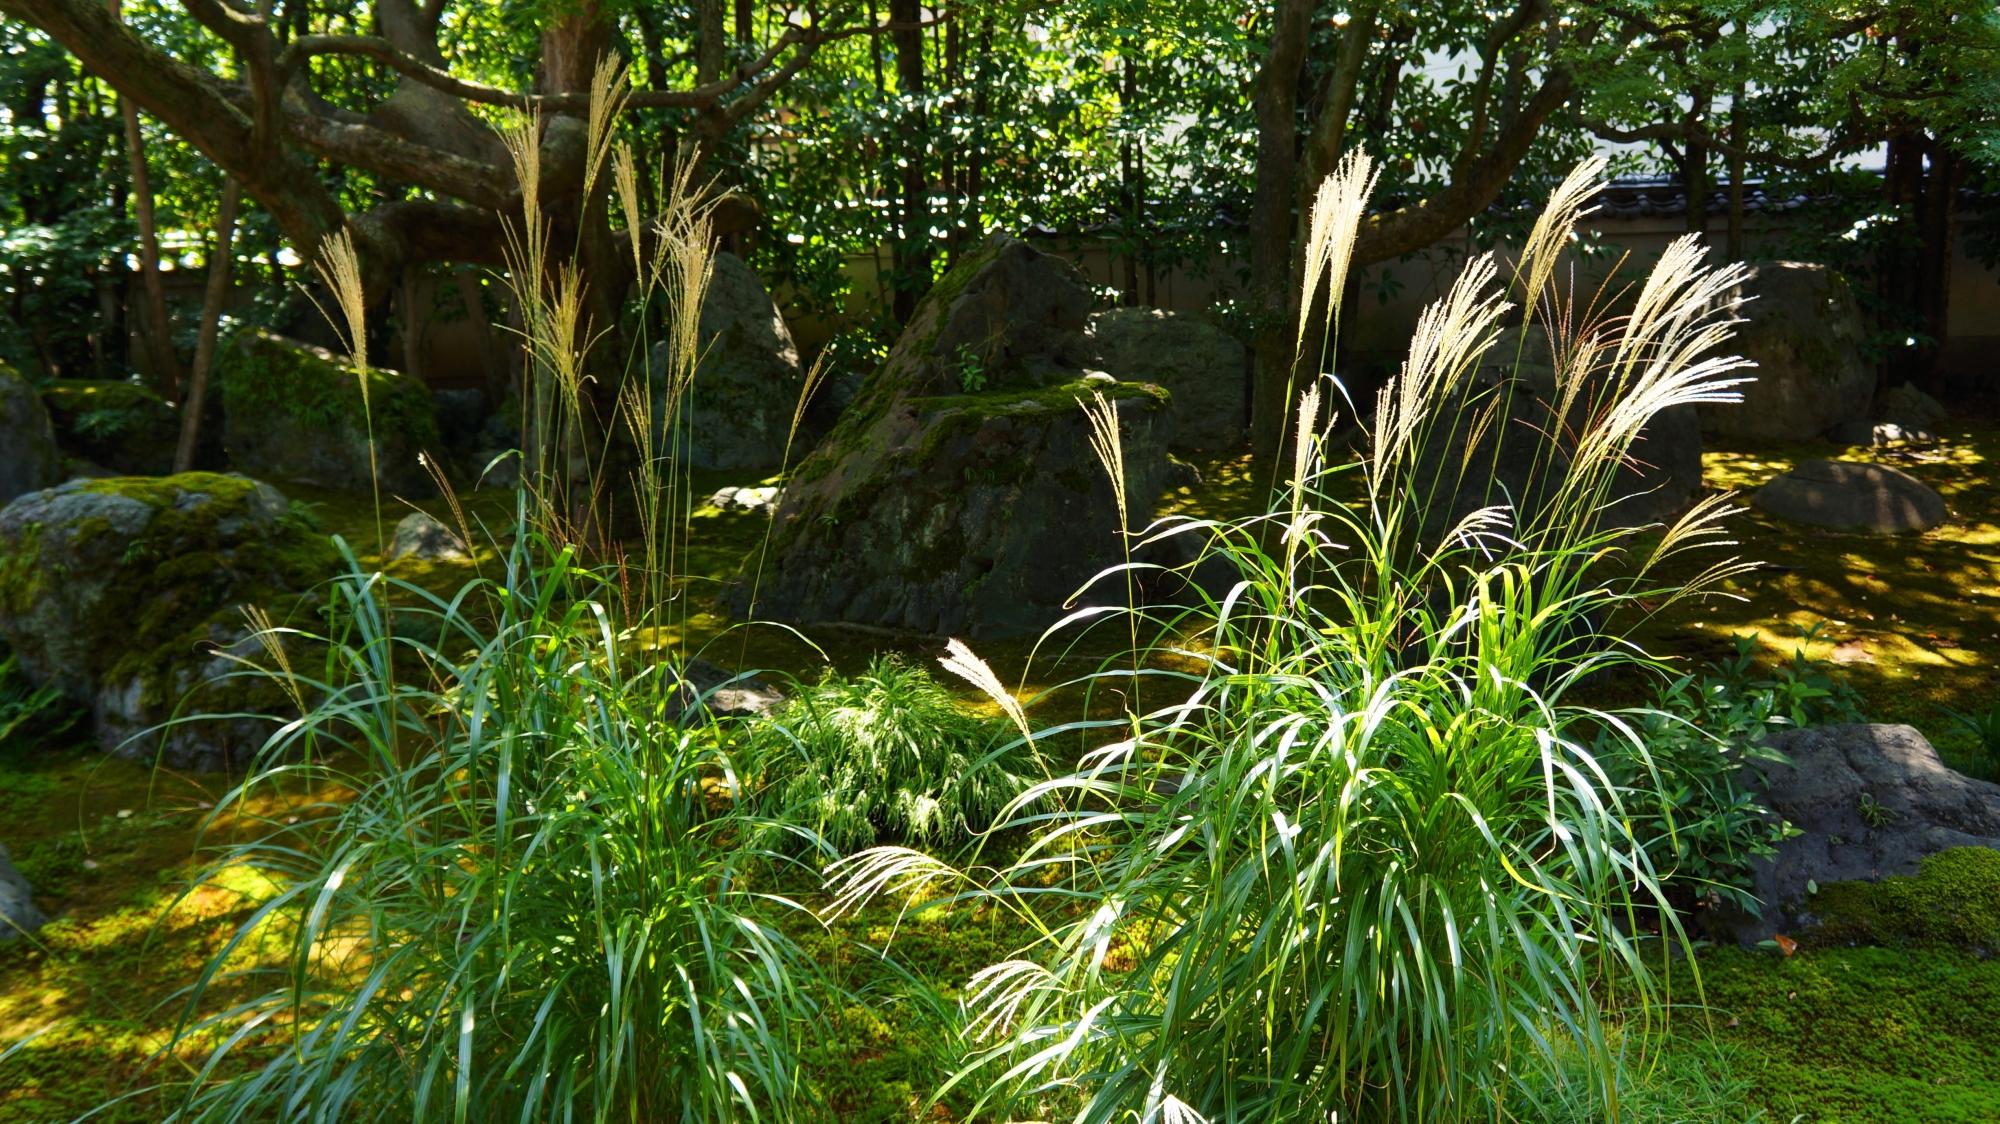 法輪寺(達磨寺)の庭園を演出する芒(ススキ)